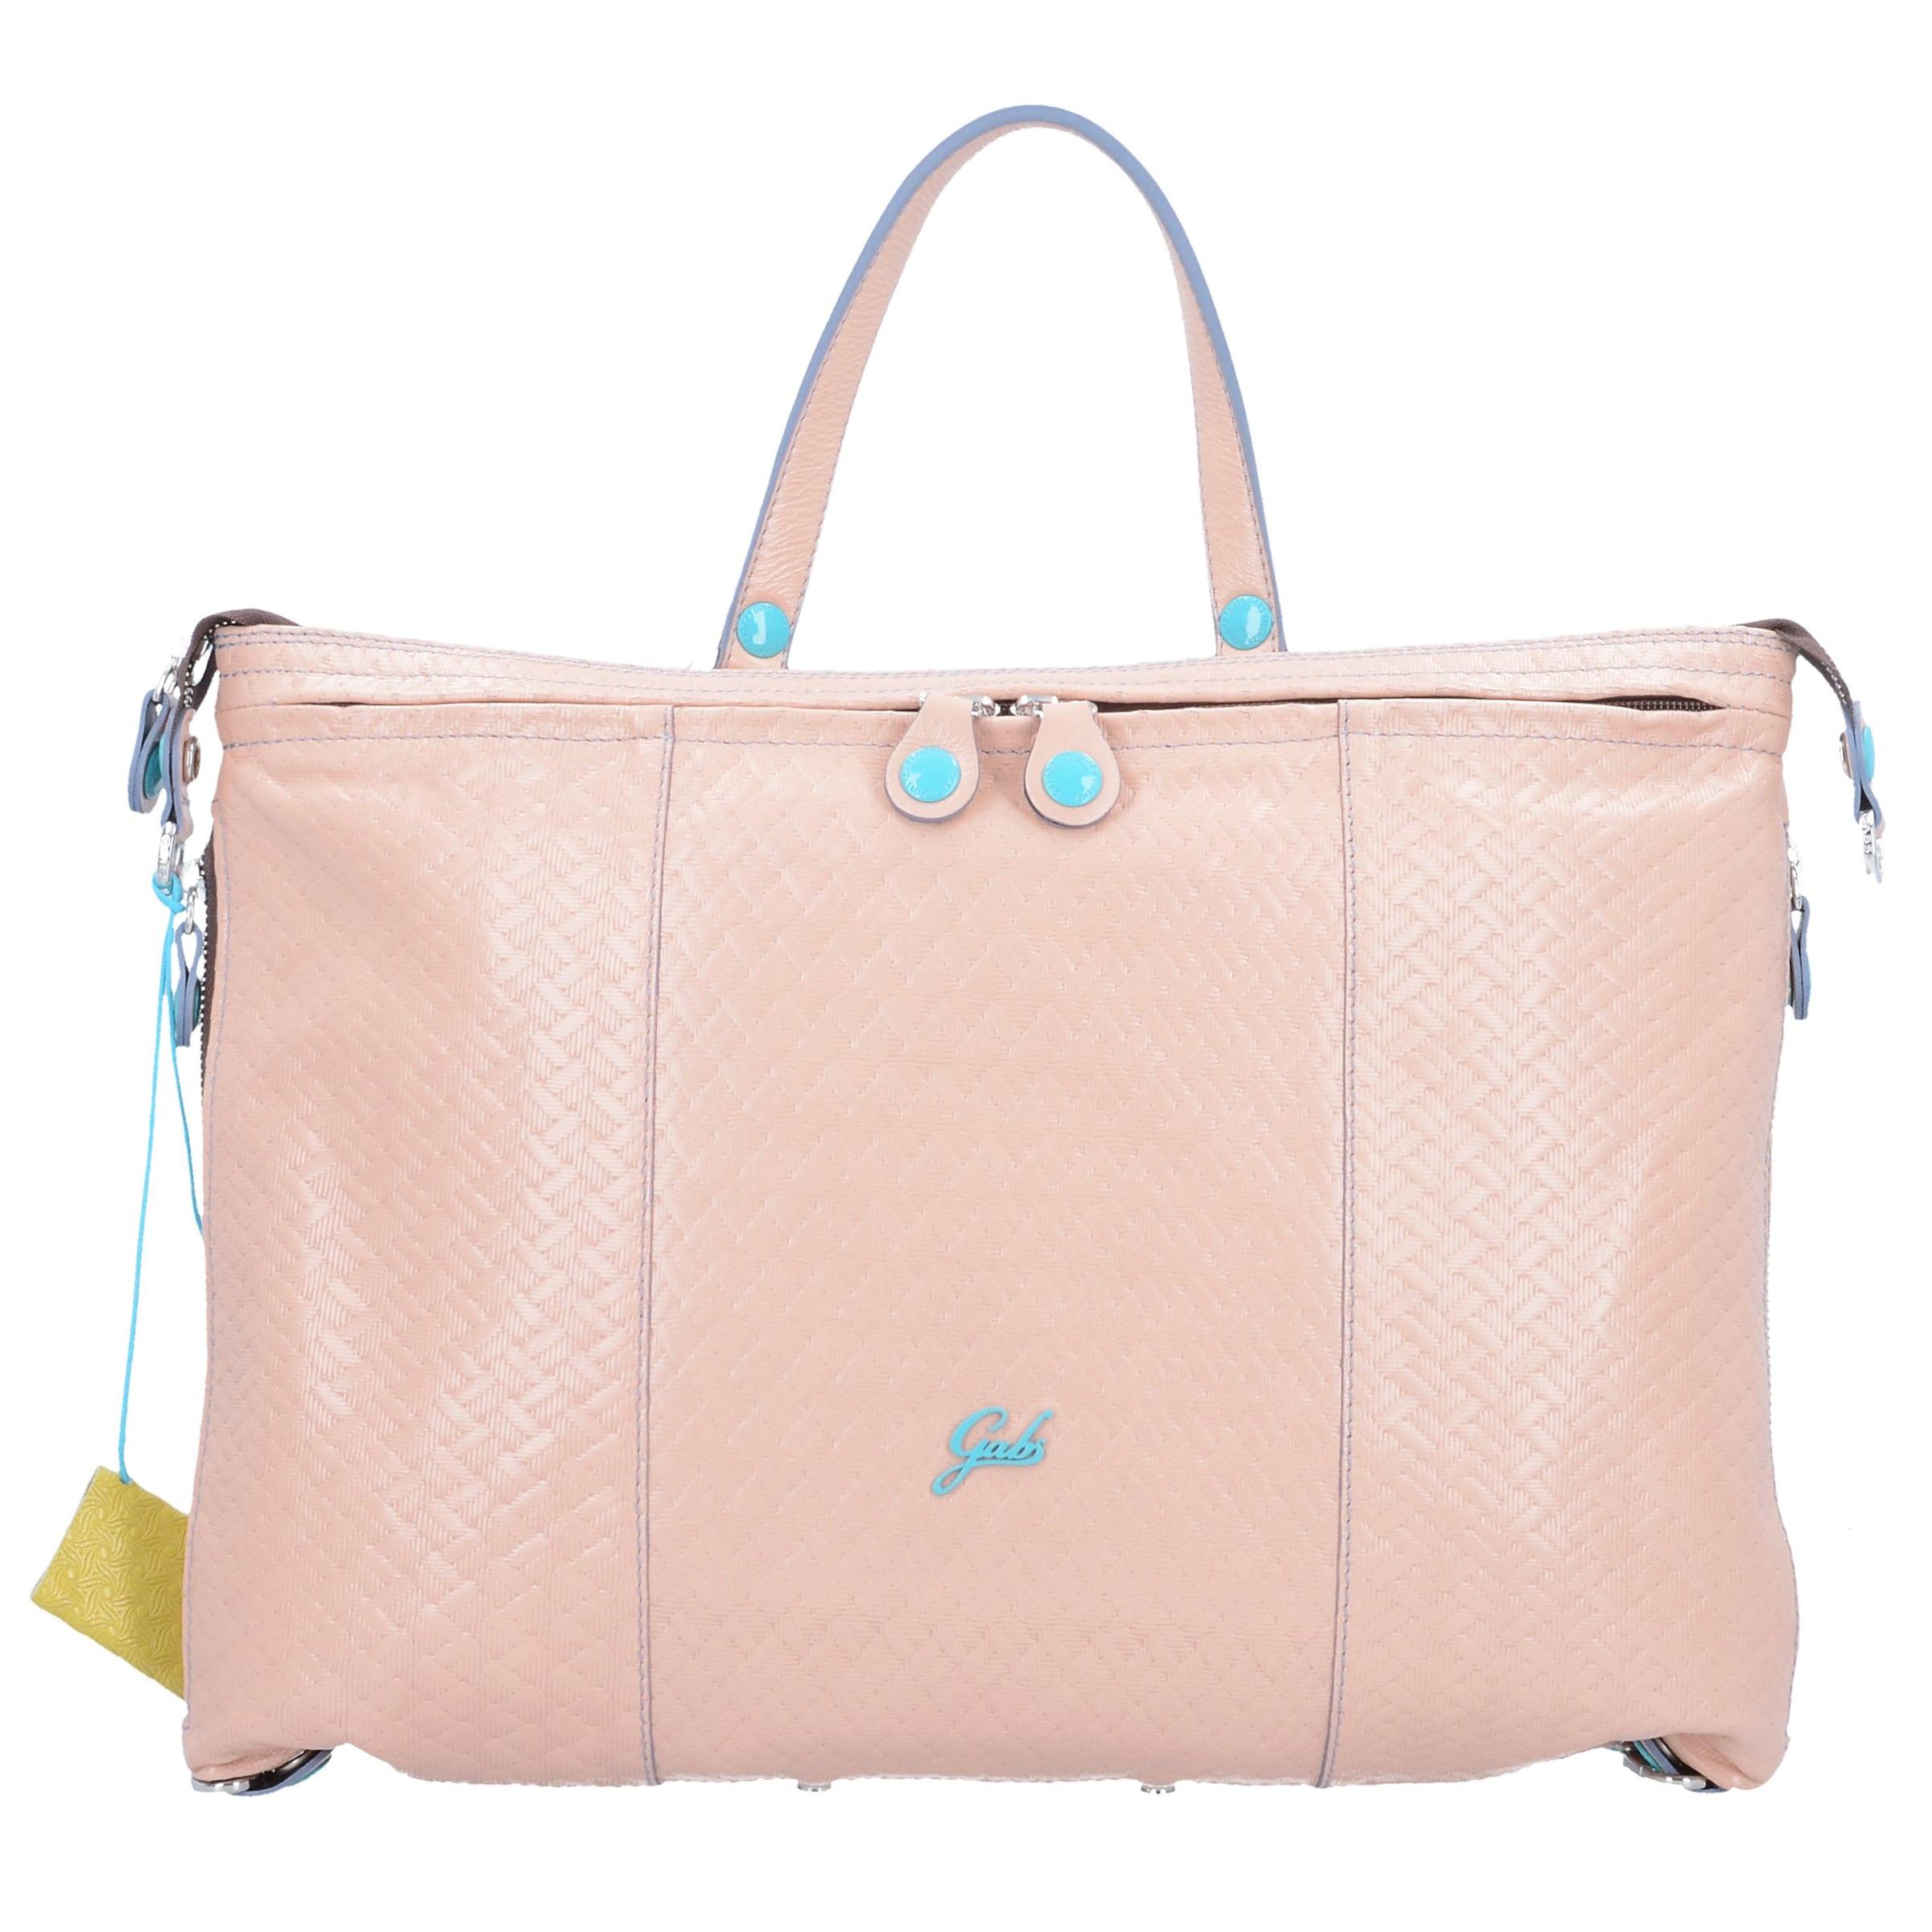 'g6' Handtasche 'g6' Pastellpink Gabs Pastellpink Gabs Gabs Handtasche Handtasche 'g6' In In 3j54RLA